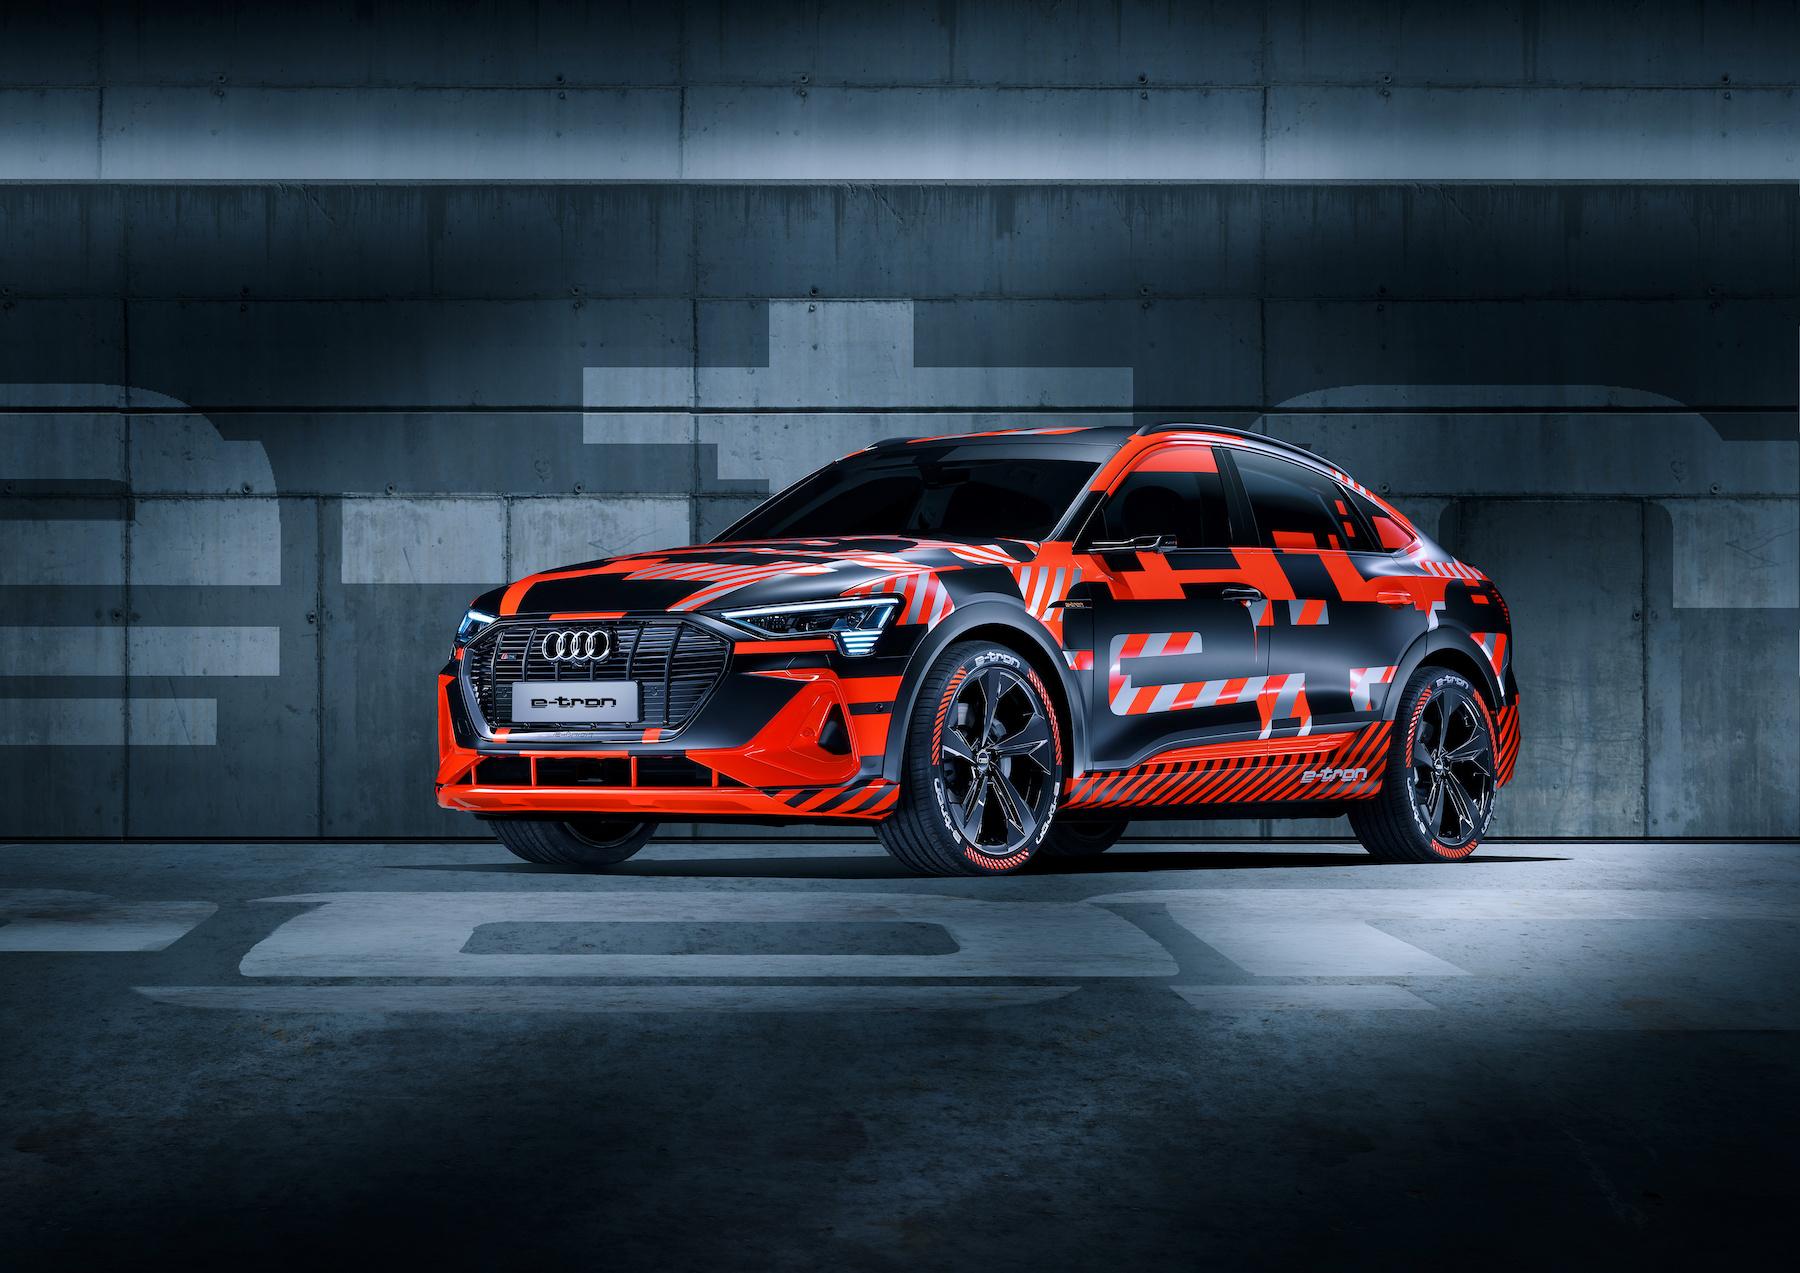 La versione coupé dell'e-tron Sportback che Audi ha esposto a Ginevra, ancora nella sua veste di prototipo. (AUDI)